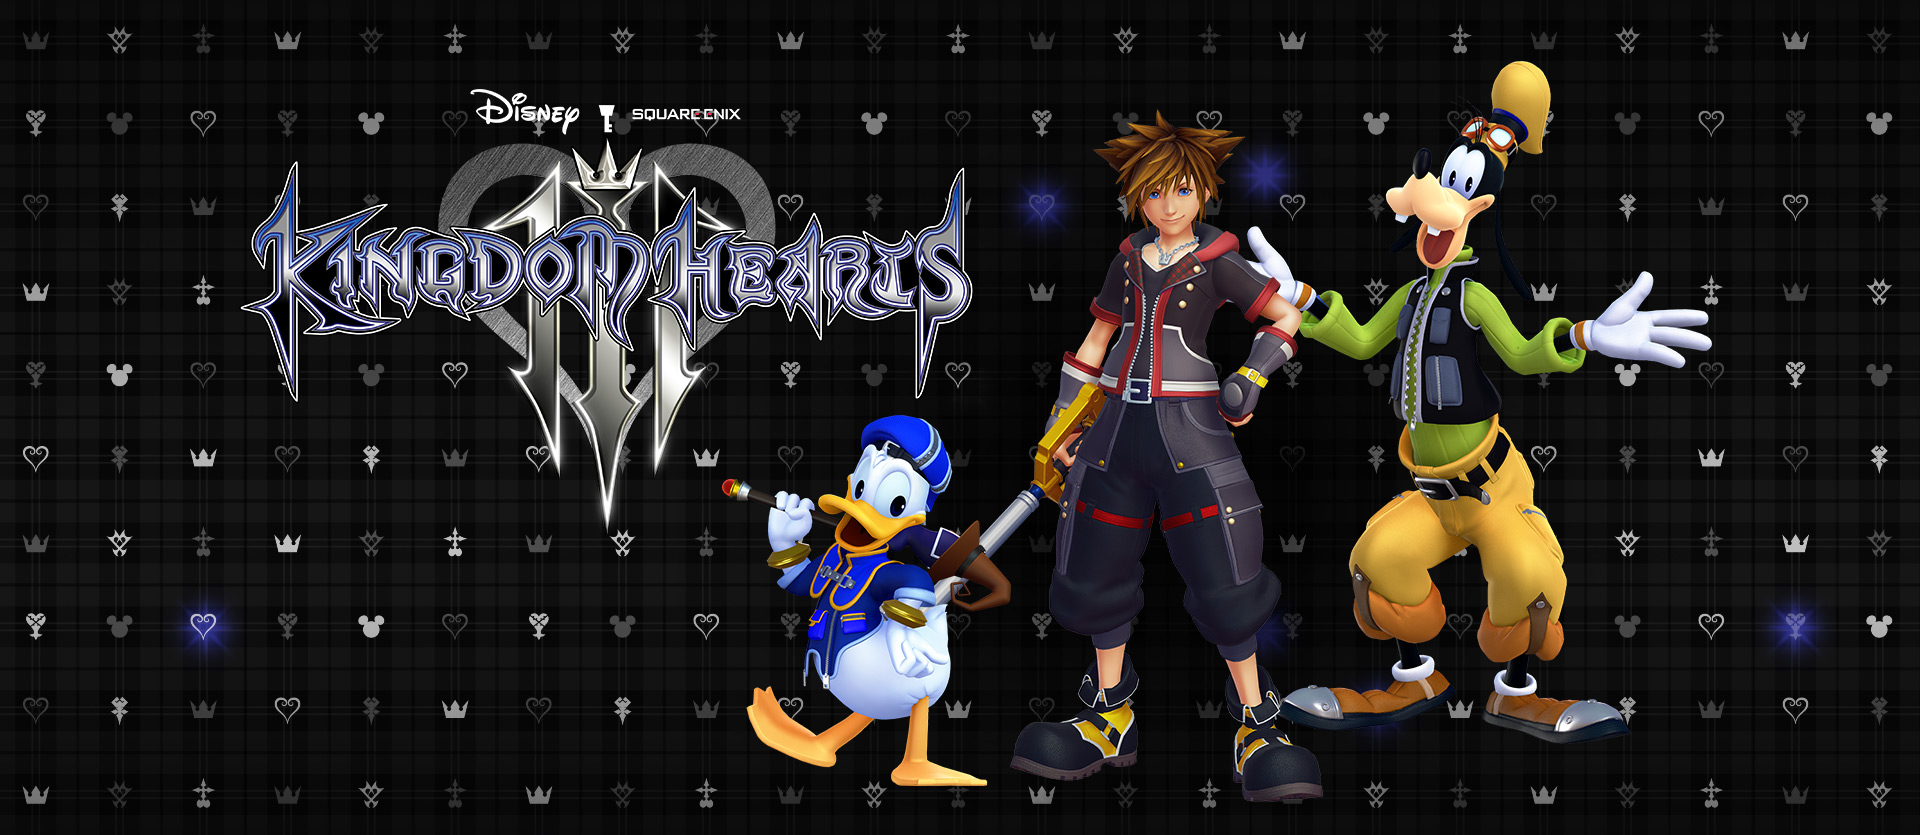 Kingdom Hearts Iii For Xbox One Kingdom Hearts 3